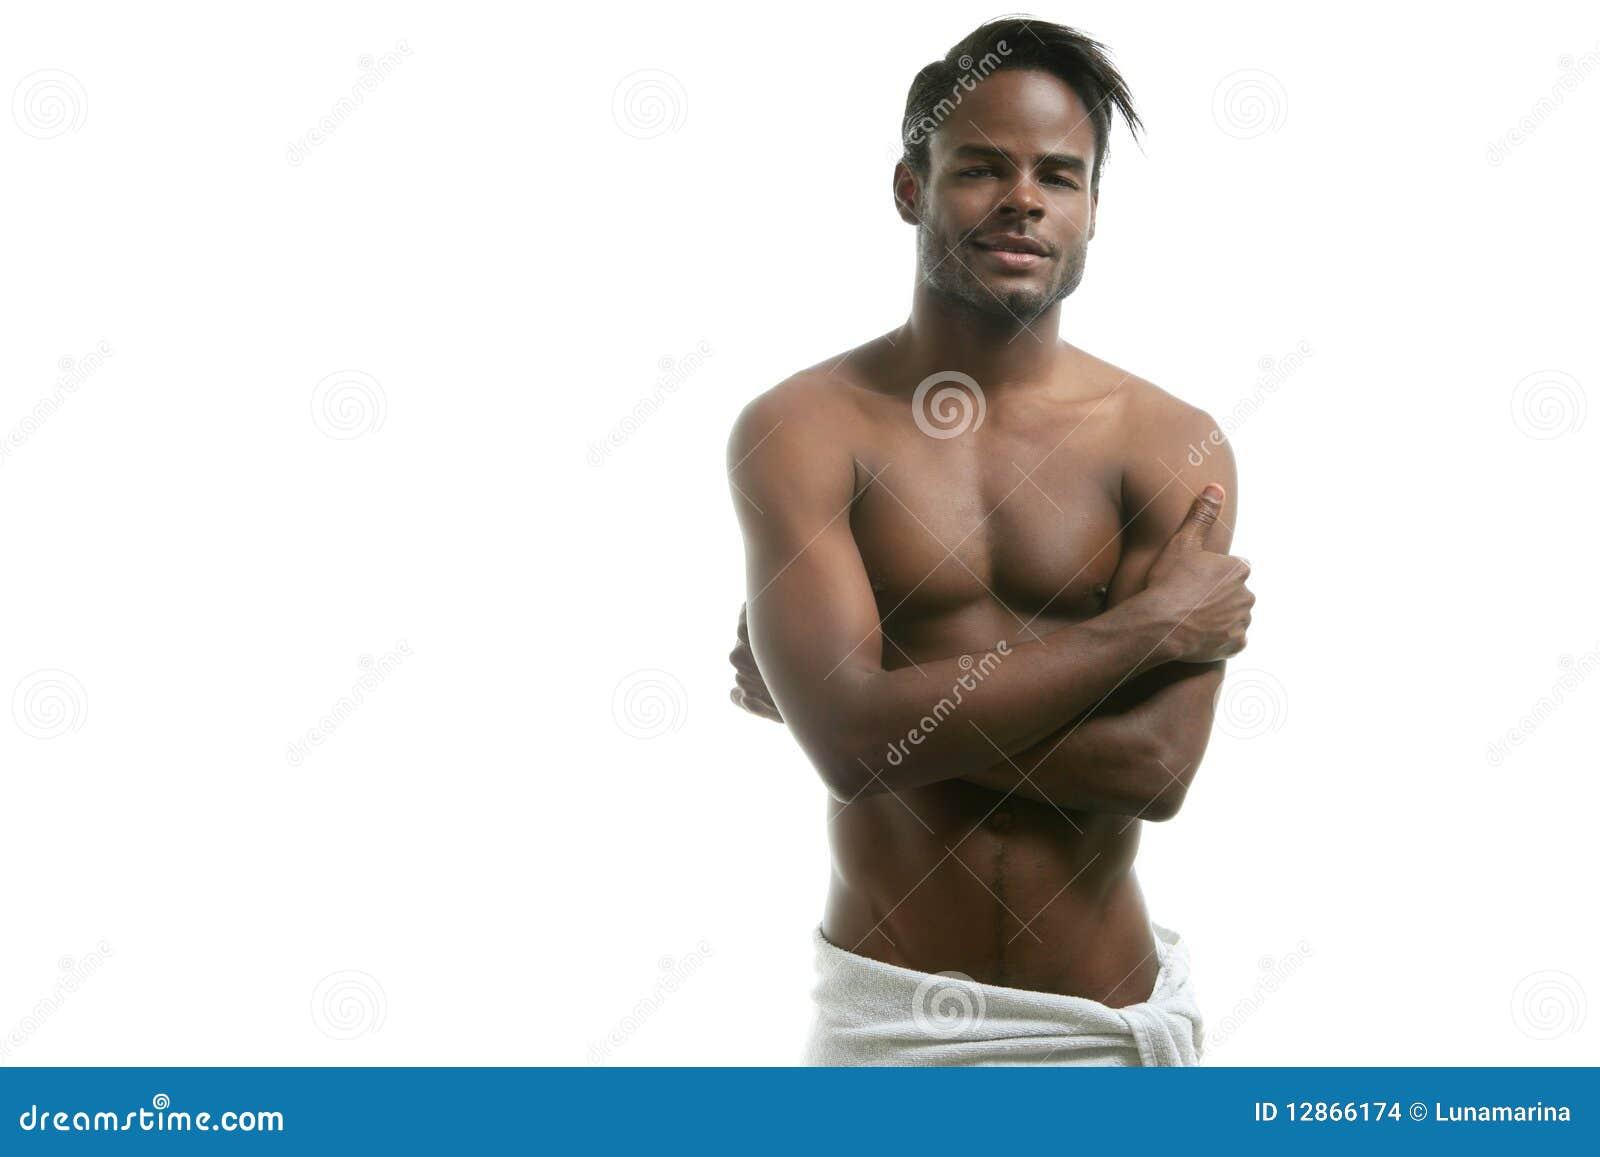 Revista de hombre desnudo negro